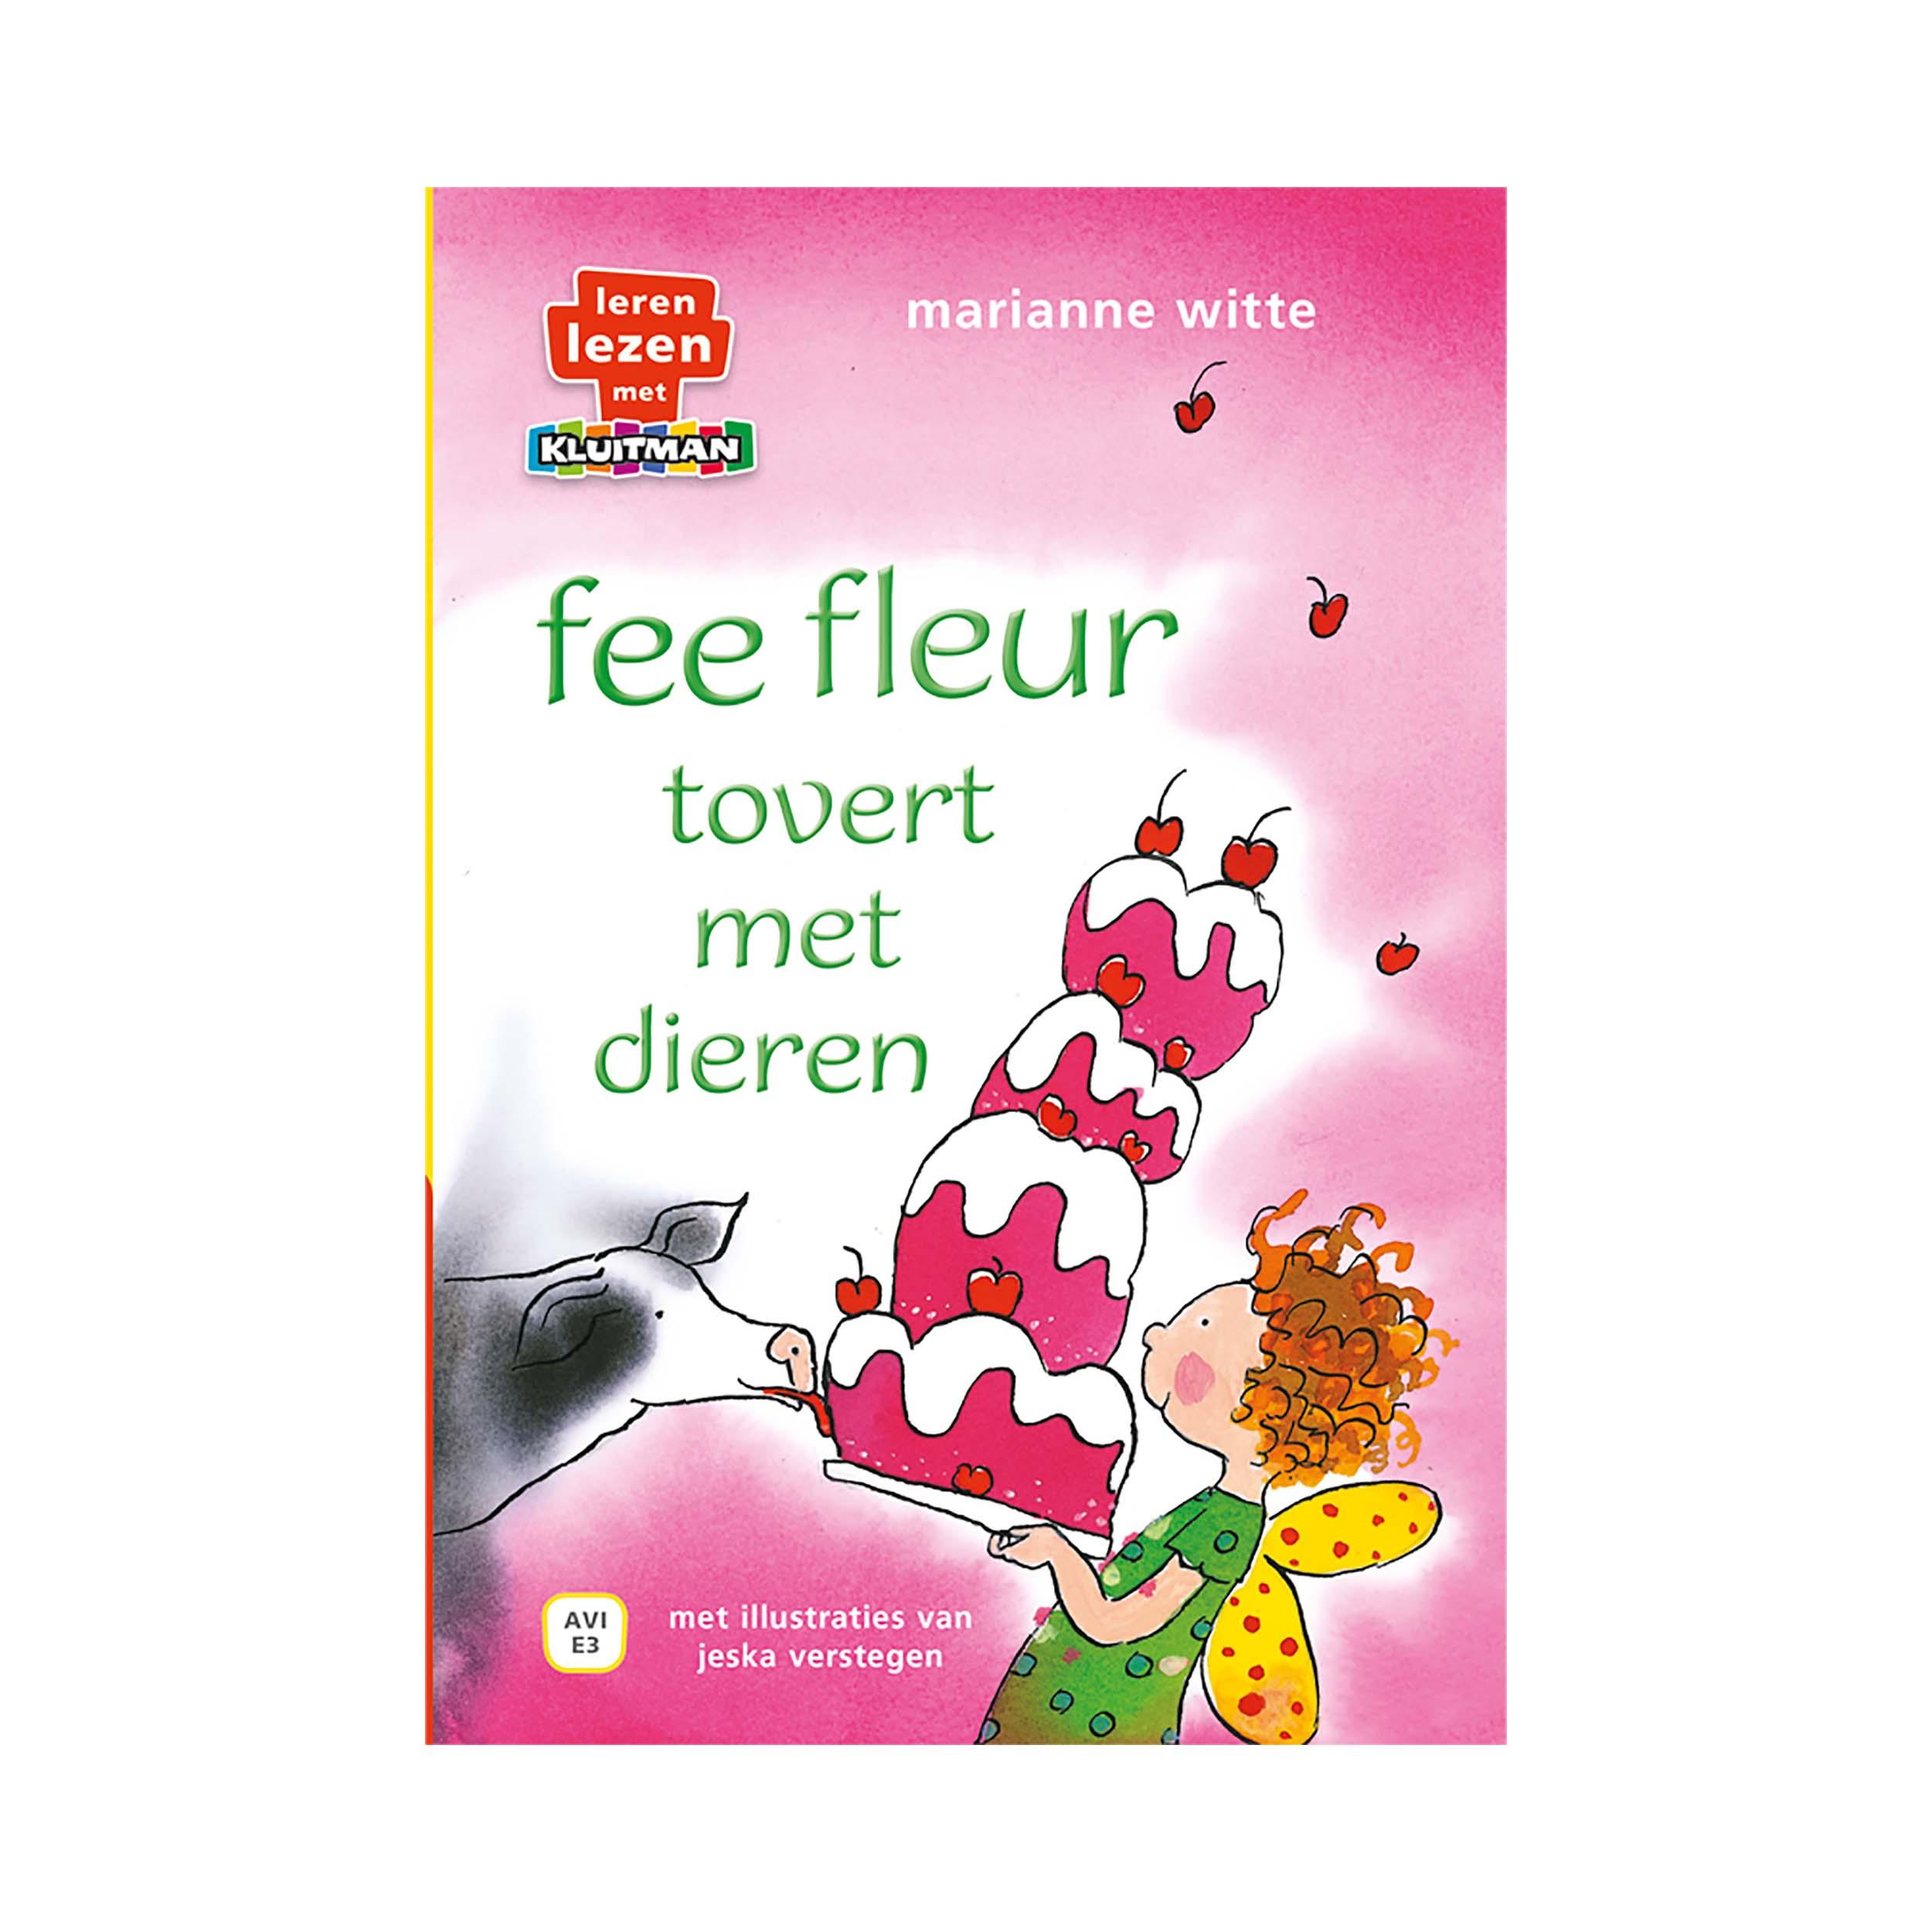 Afbeelding van Boek AVI E3 Fee Fleur Tovert Met Dieren Lerezen Lezen Met Kluitman